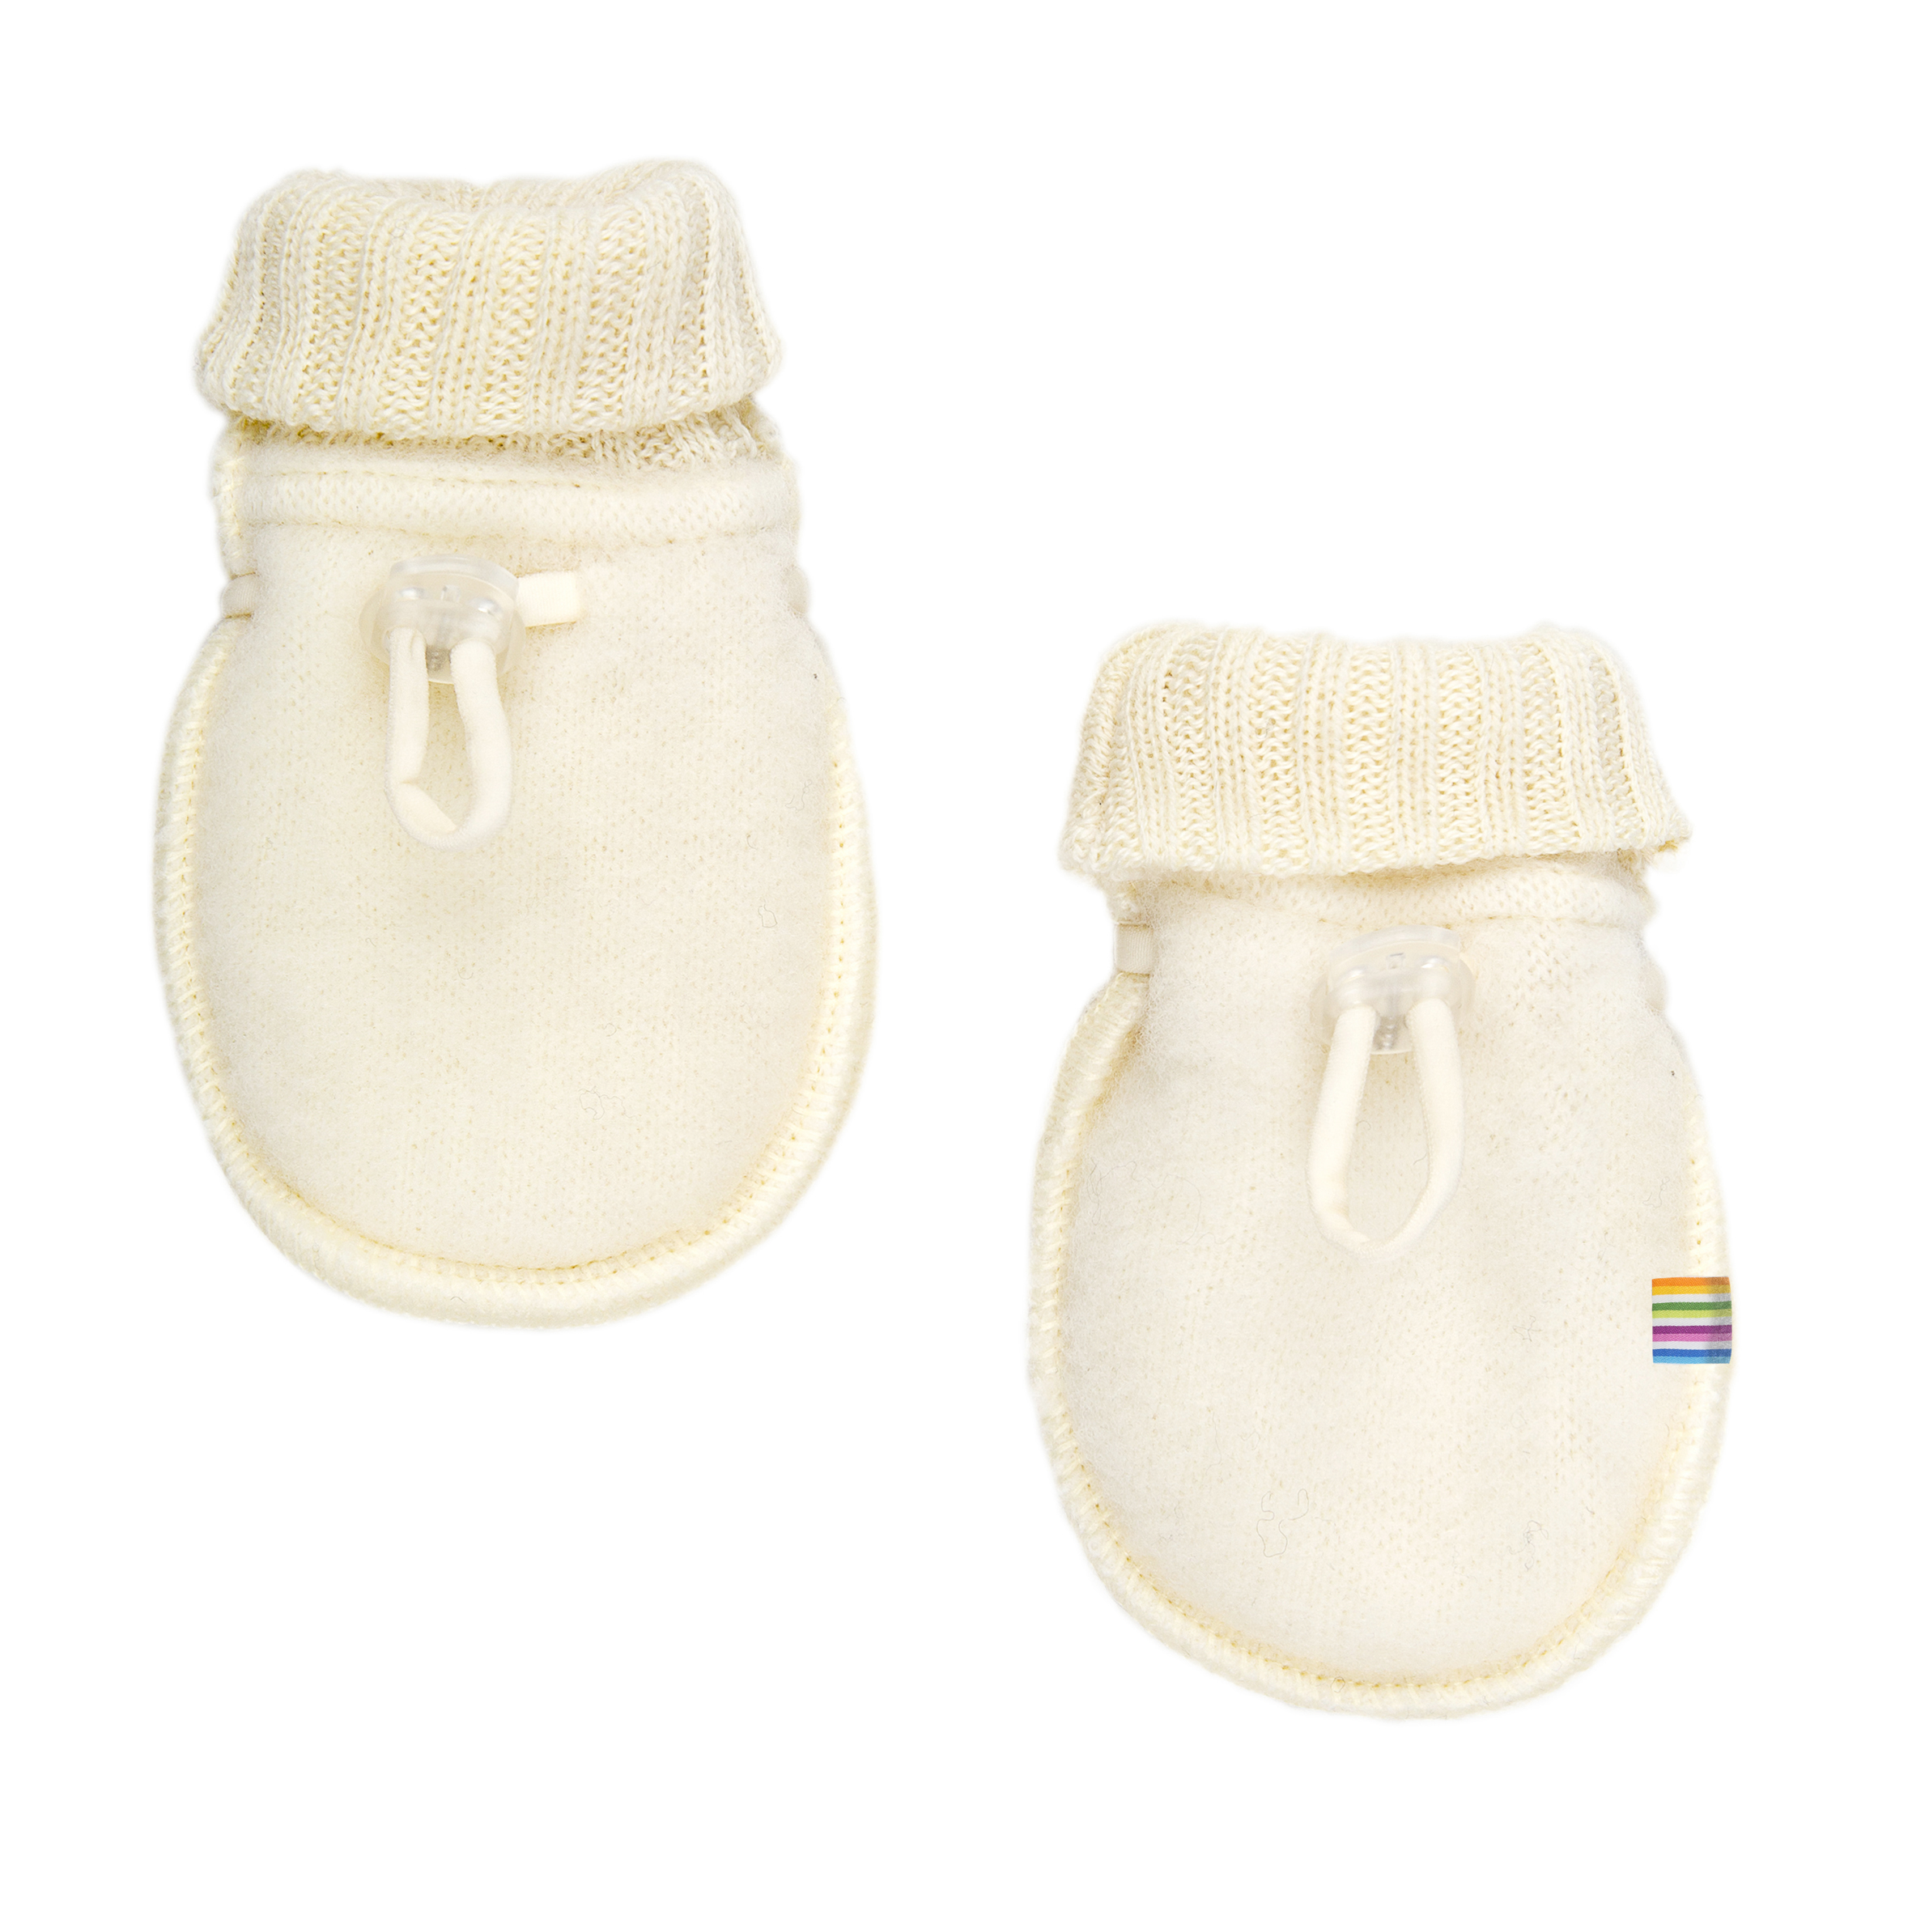 Beige ullvante - Joha - Barn- och bebiskläder på nätet  0b927bfb26679